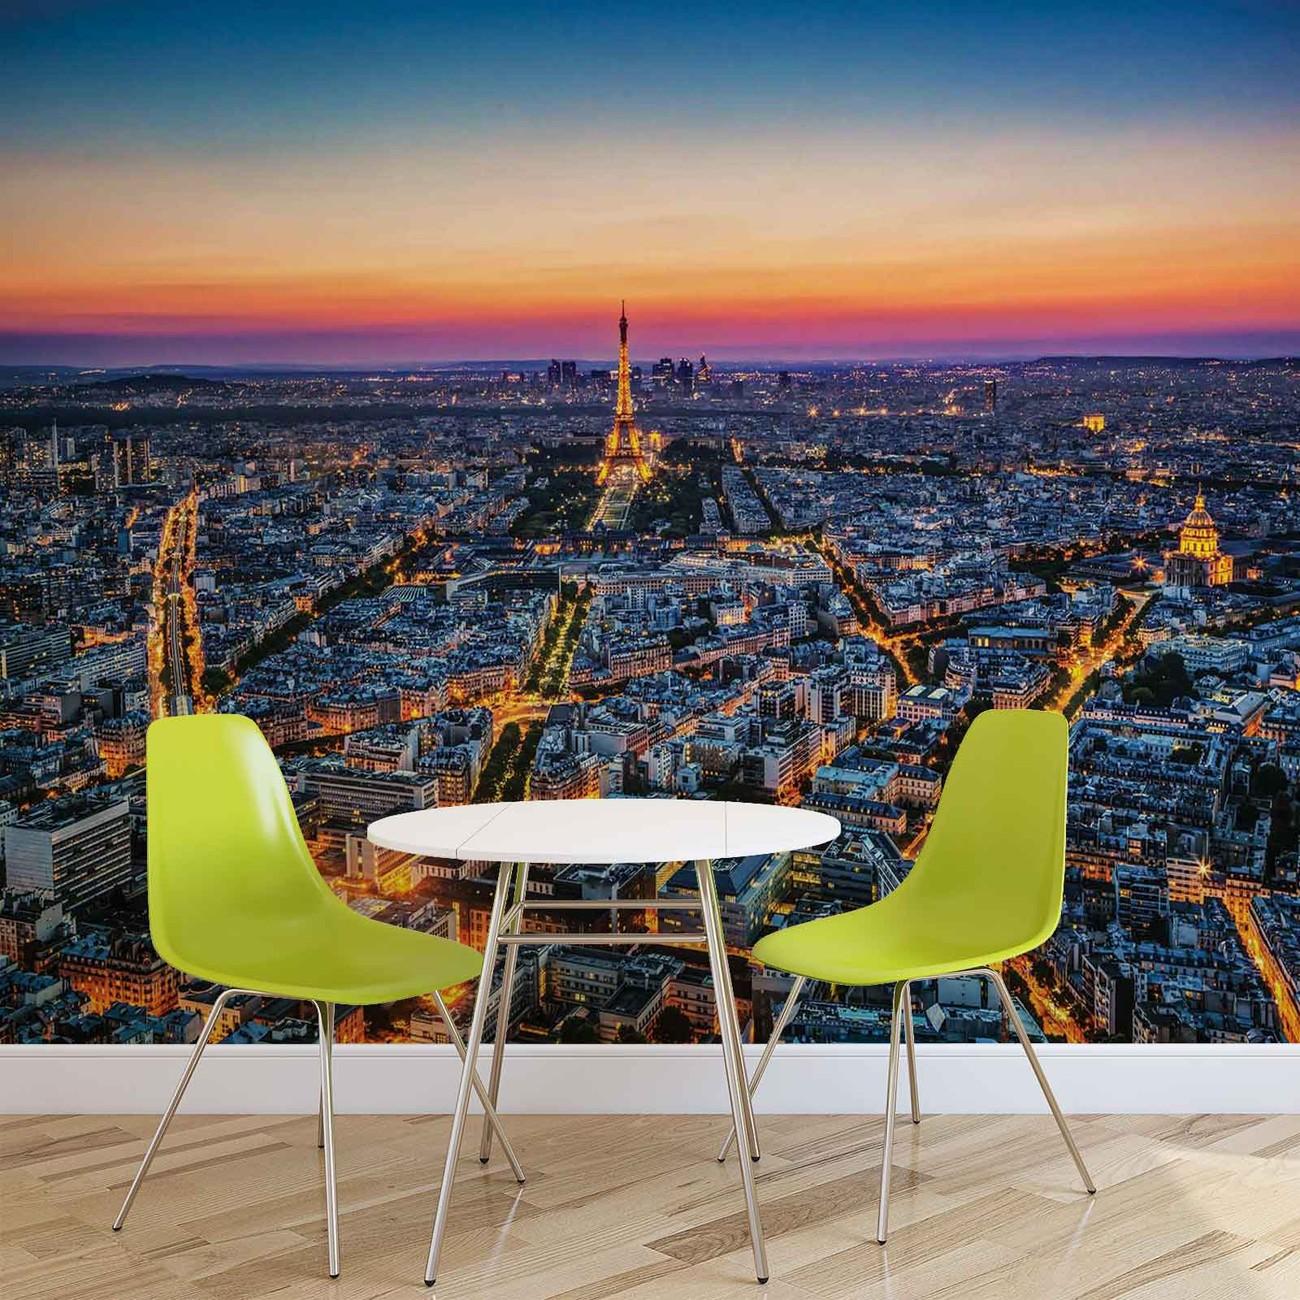 Ville paris coucher de soleil tour eiffel poster mural for Parigi non turistica